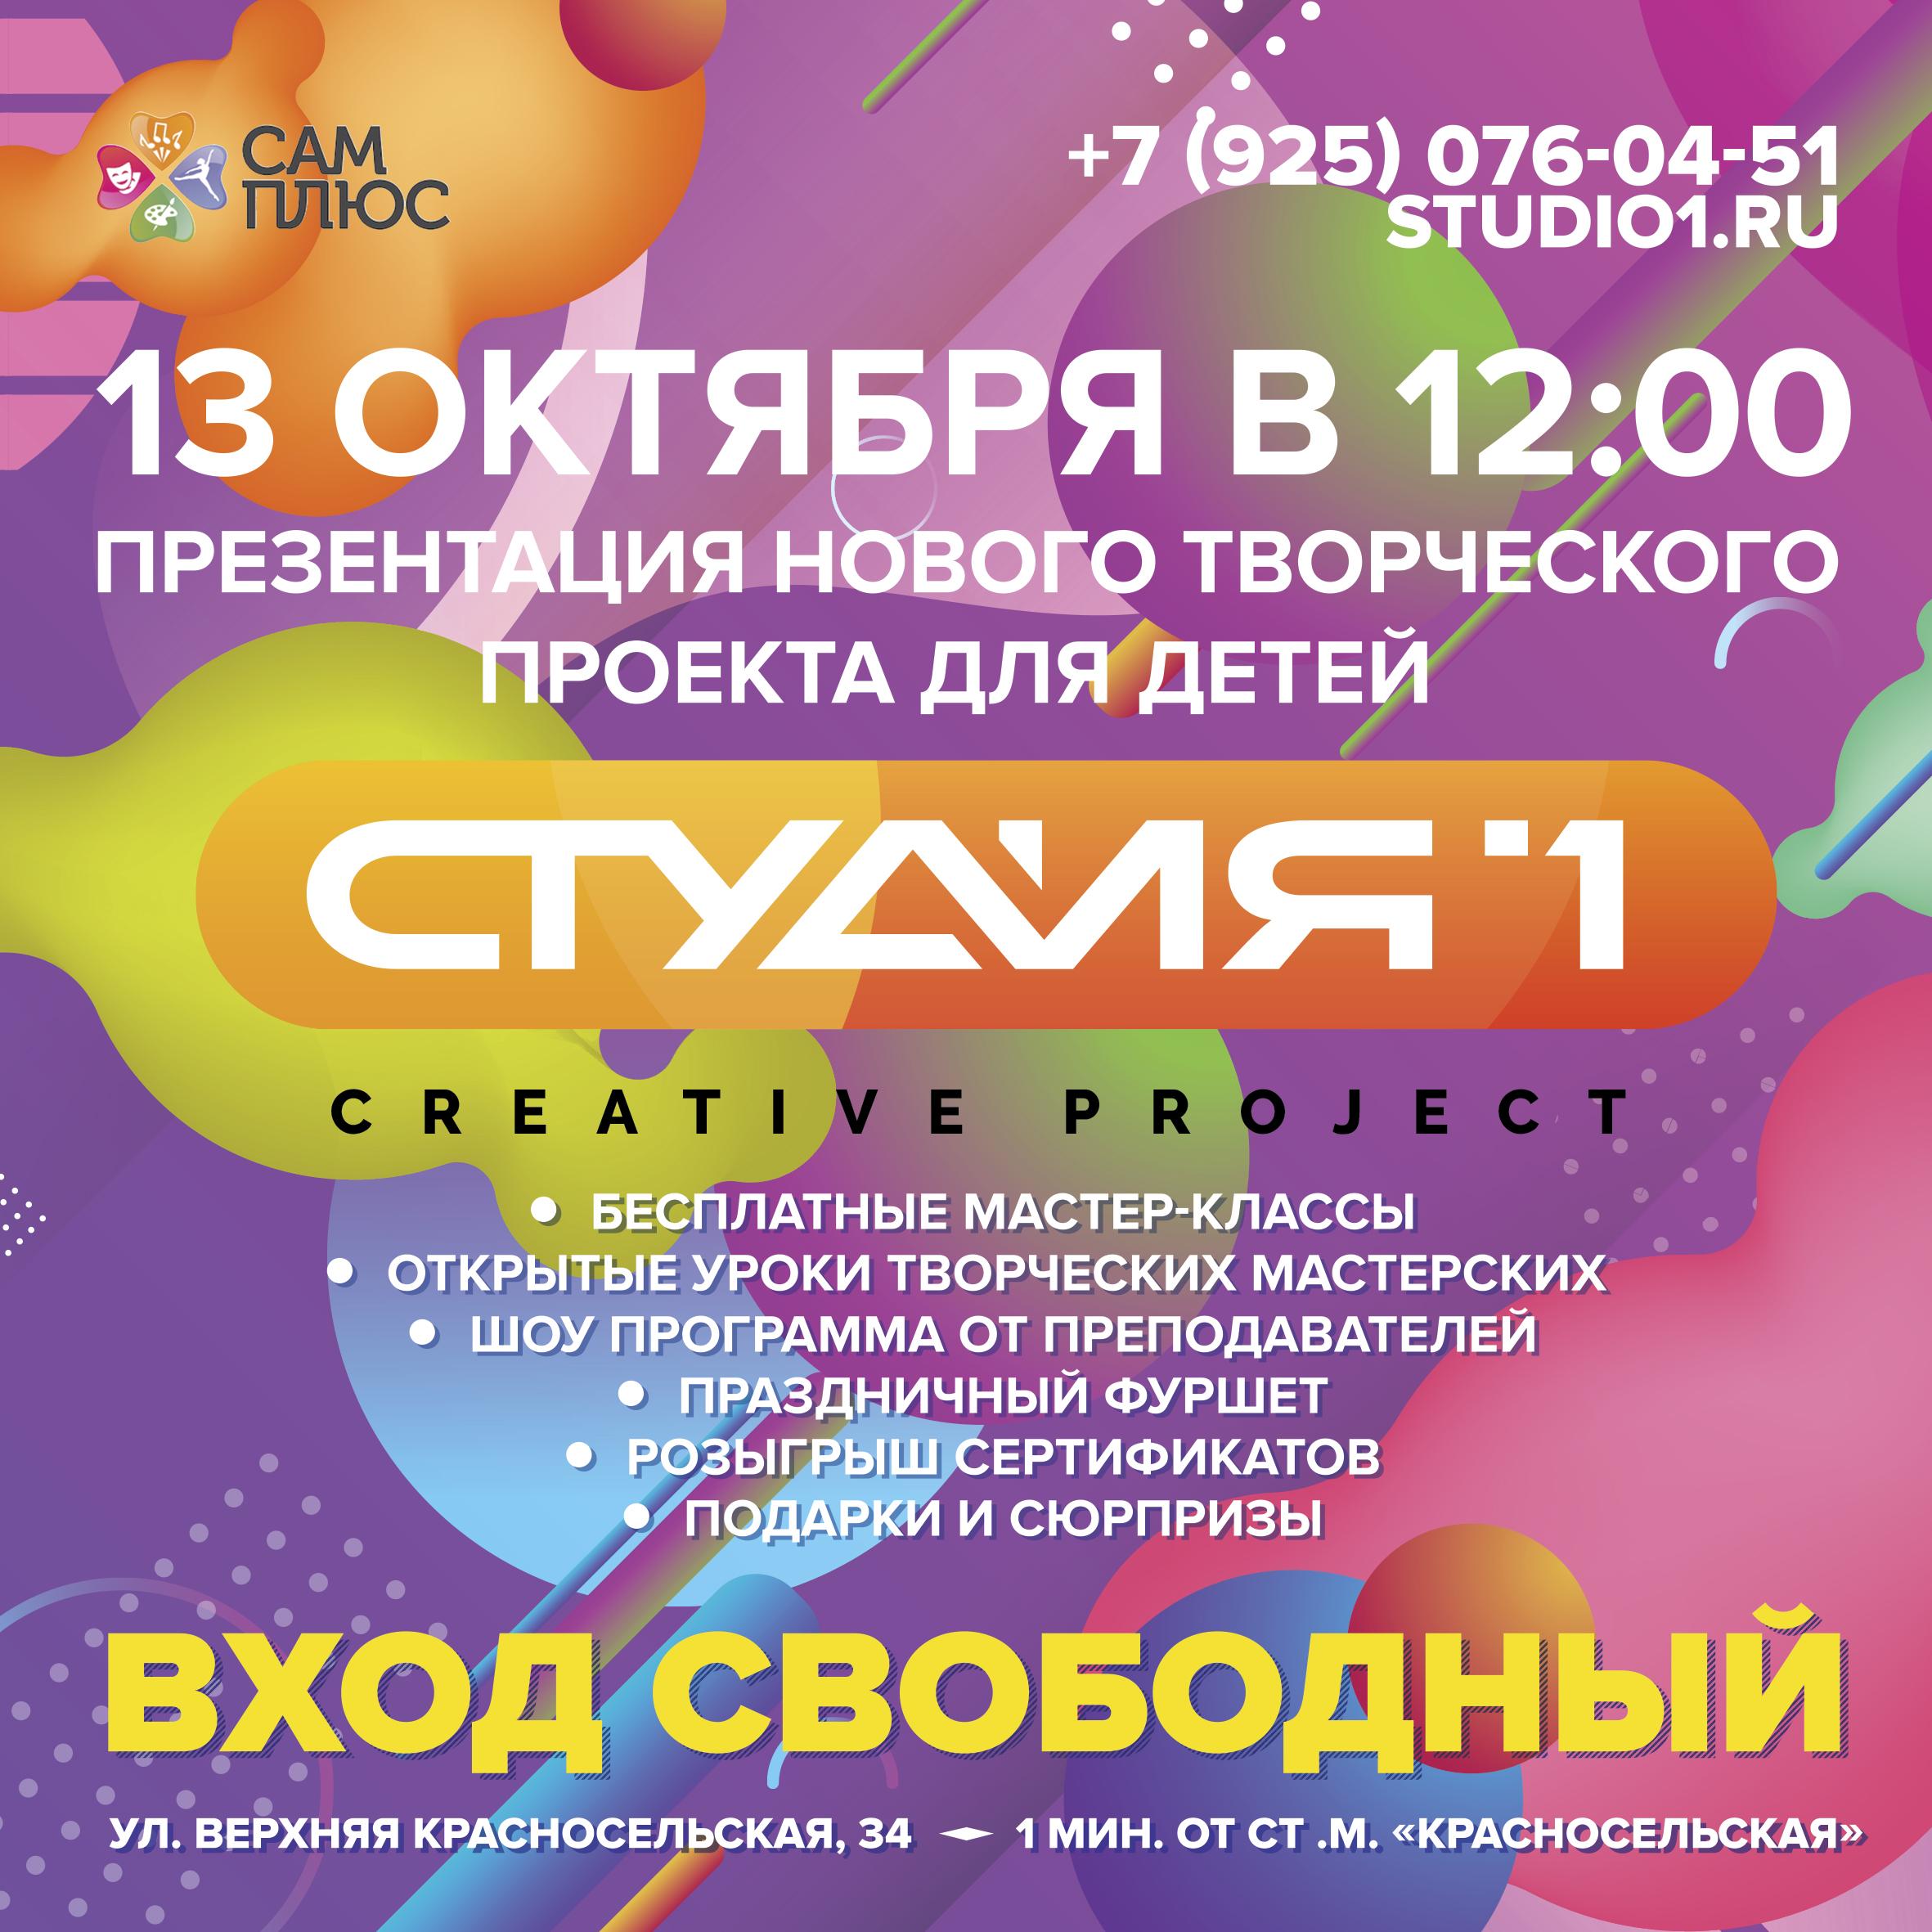 Презентация нового творческого проекта «Студия № 1» – события на сайте «Московские Сезоны»